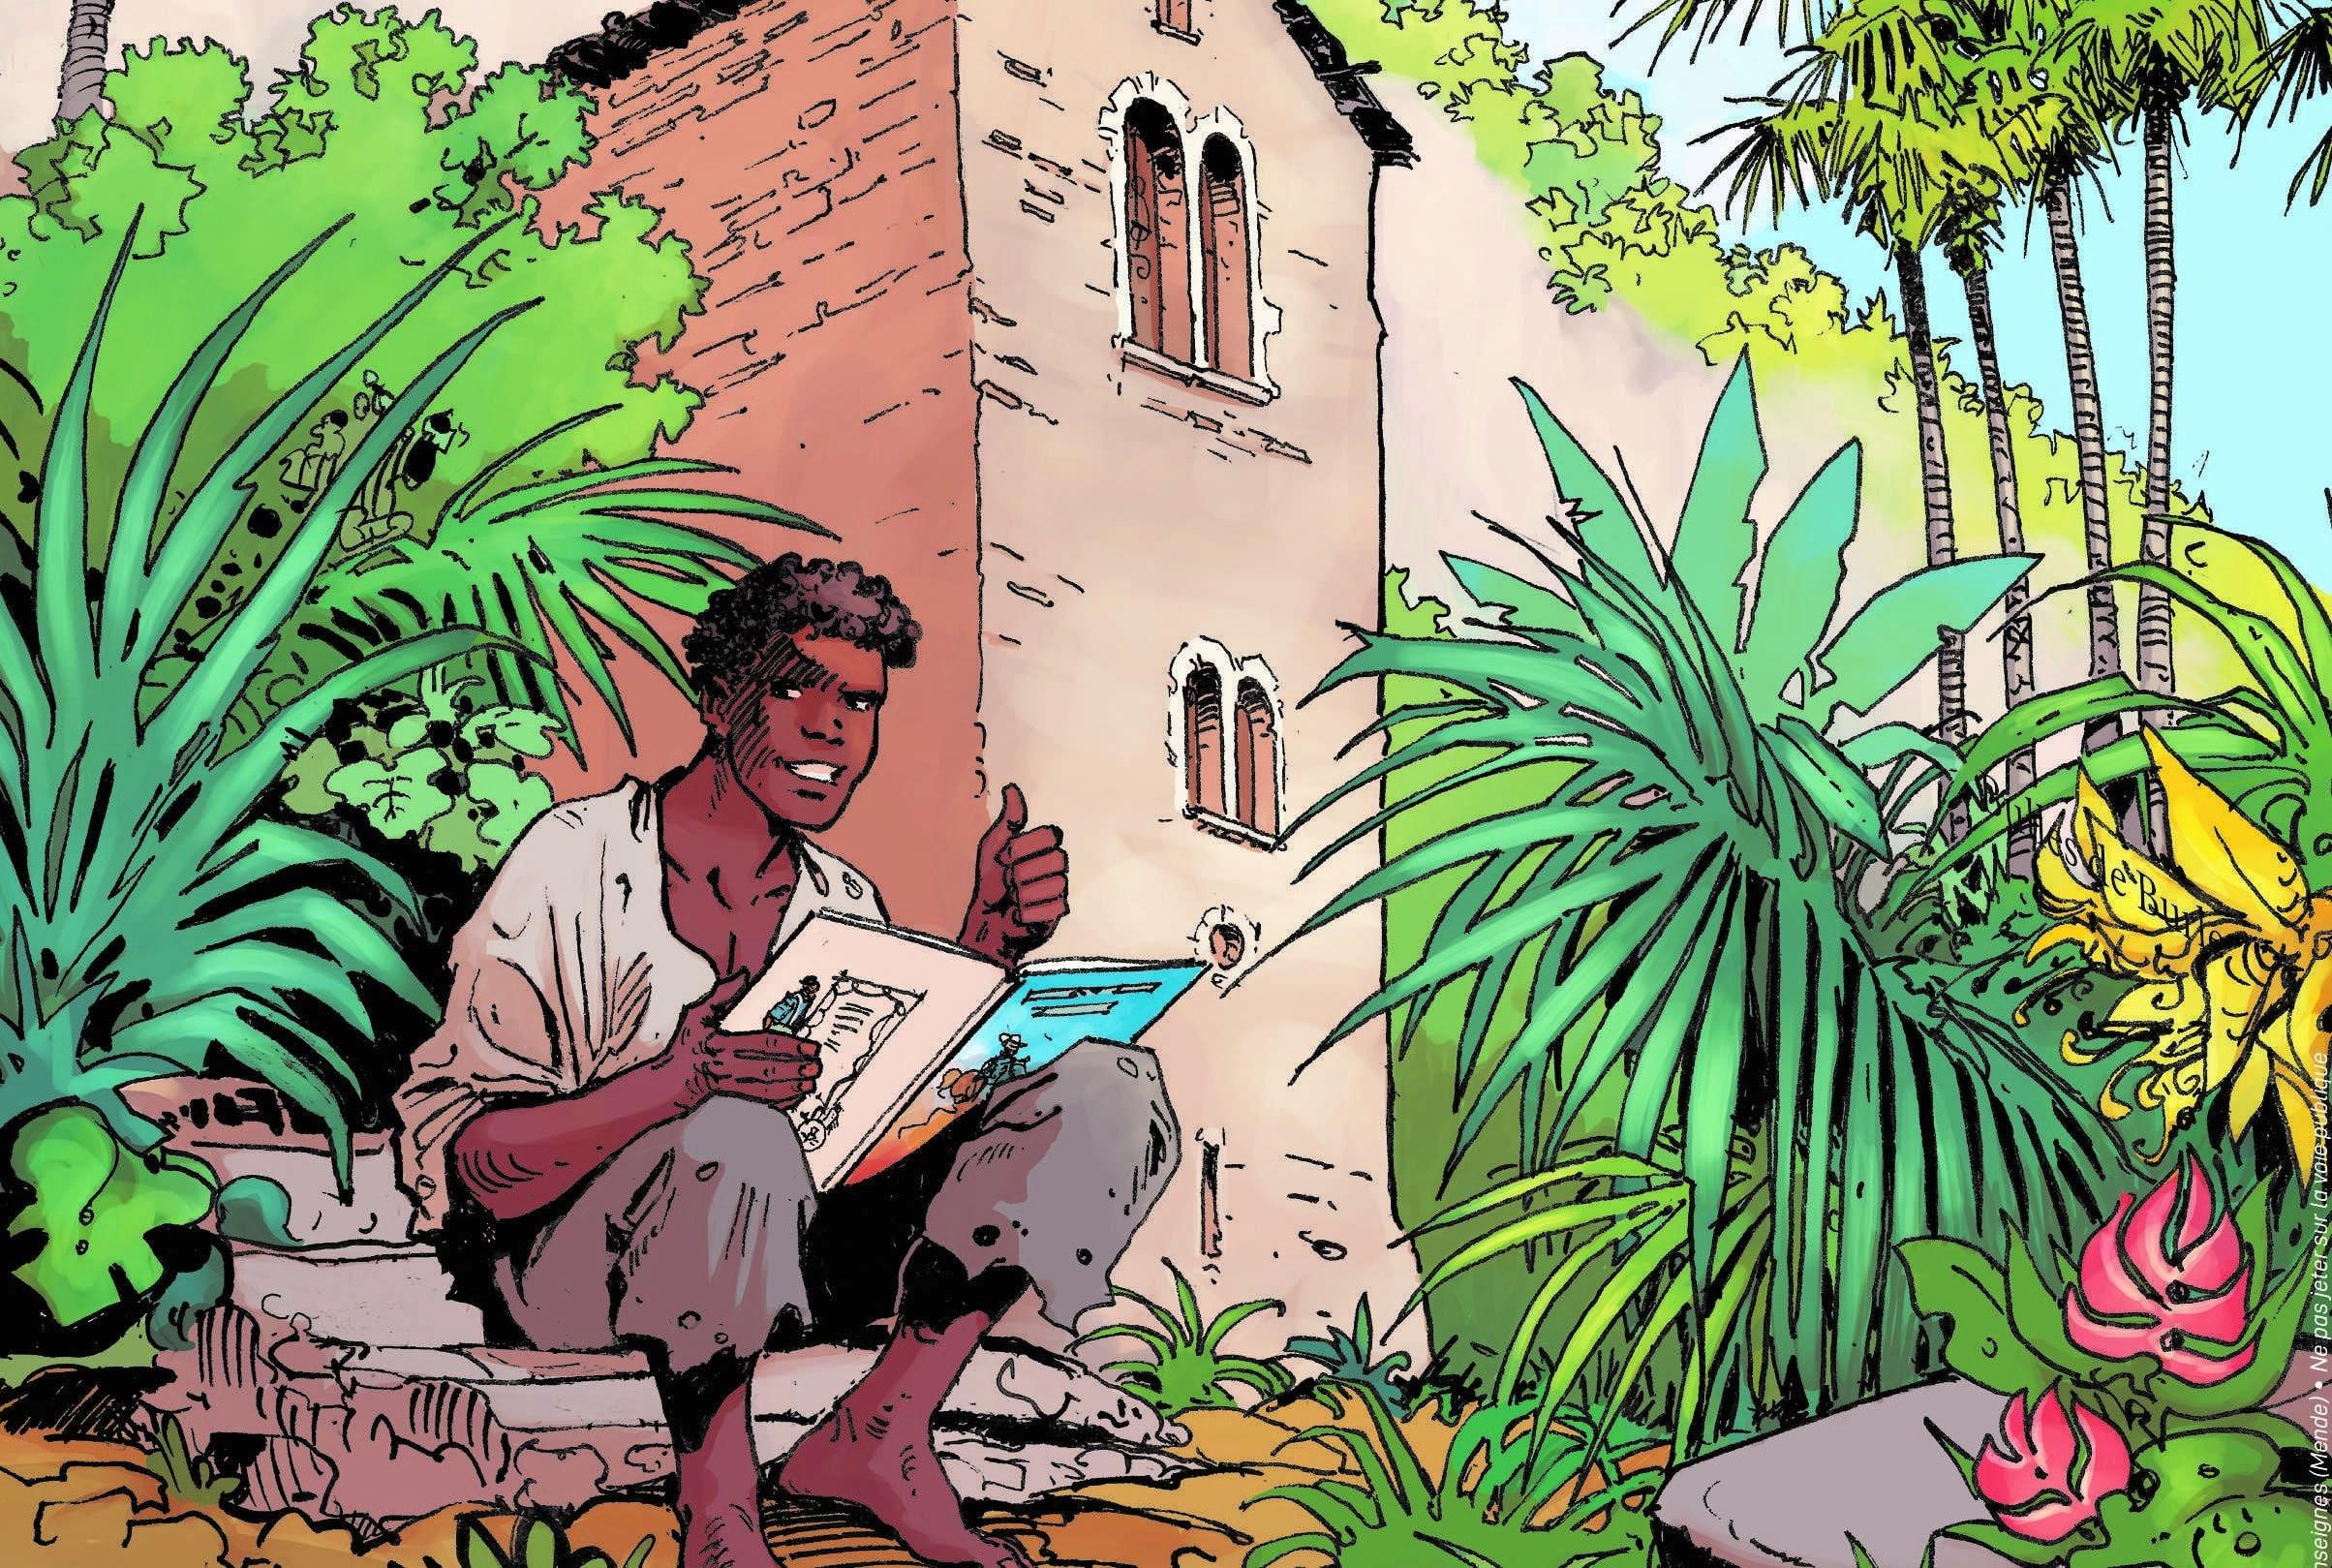 Festival de Sainte-Enimie, les nominés pour les prix 2020 et les auteurs présents